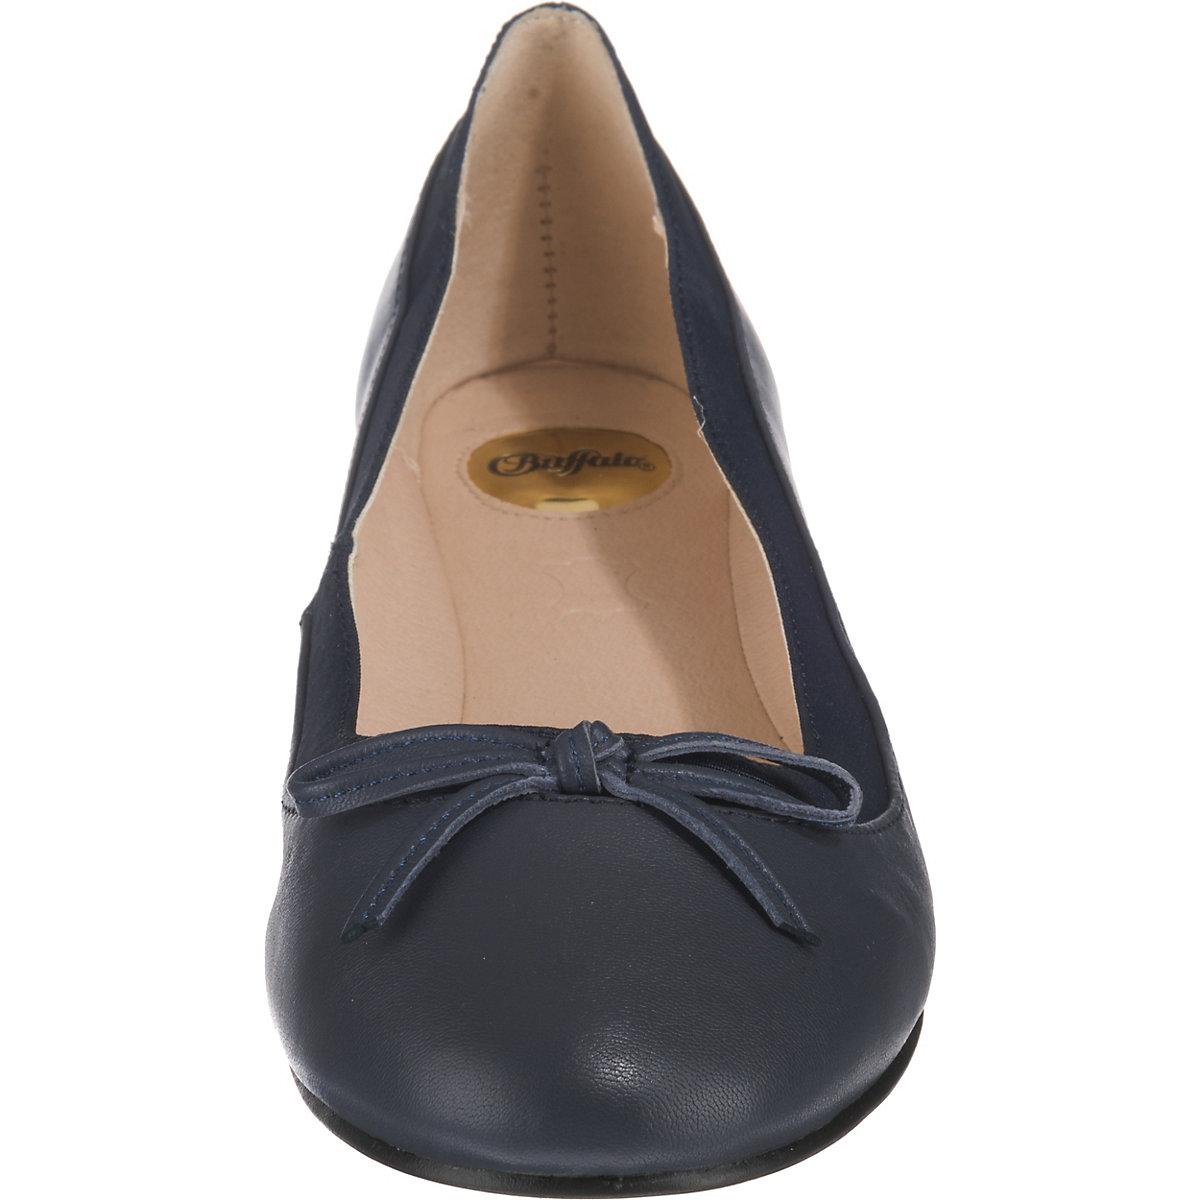 BUFFALO Annelie 2 Klassische Ballerinas dunkelblau